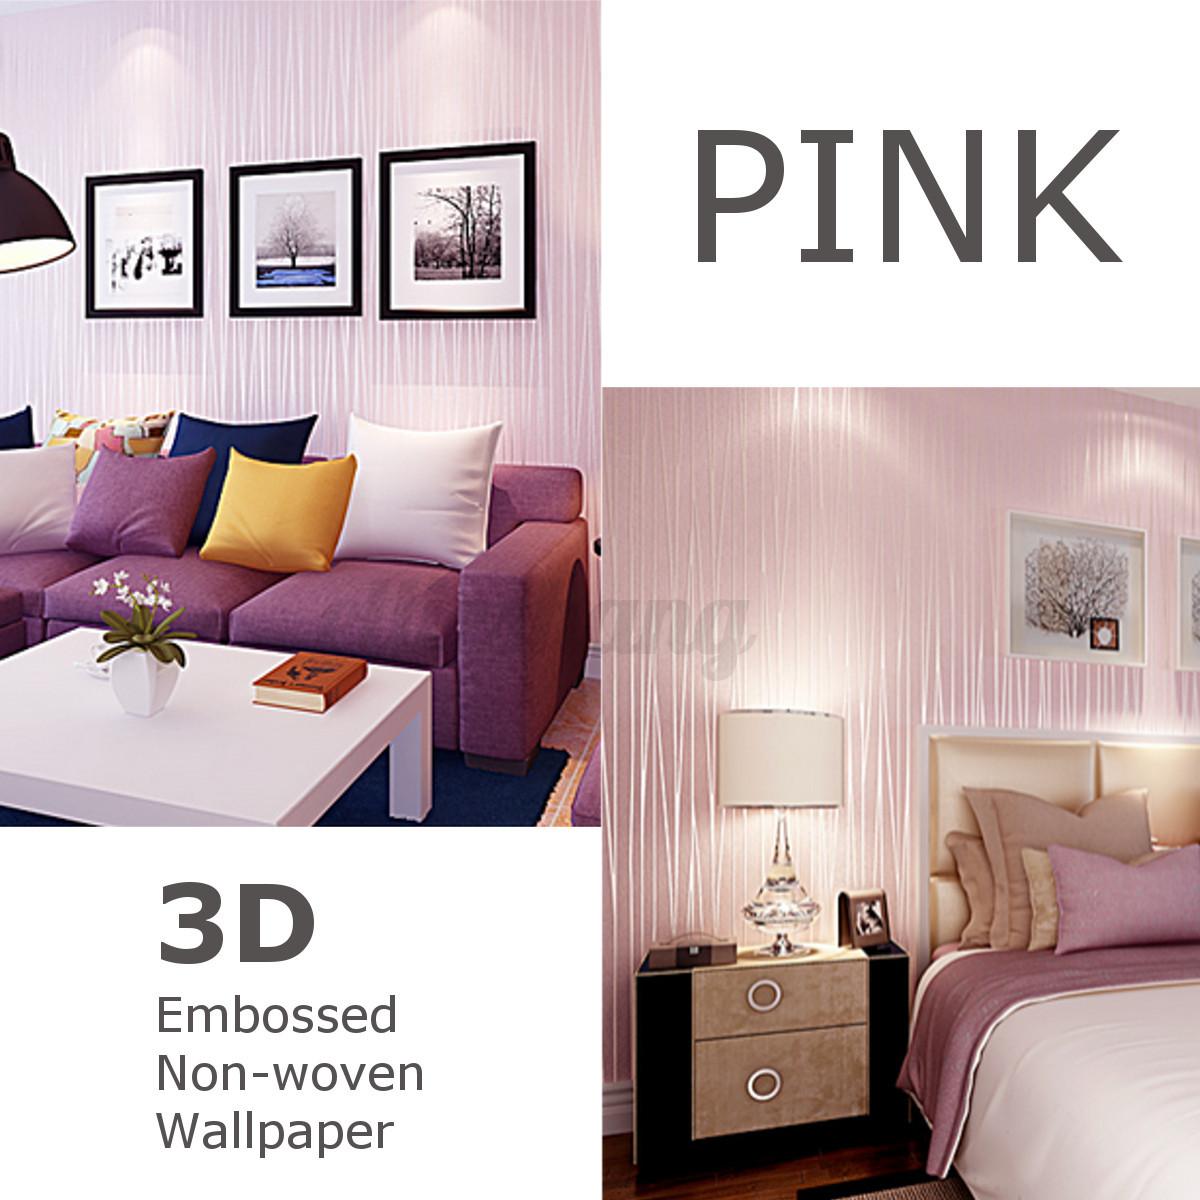 ... 3D-Carta-Da-Parati-Effetti-Casa-Ufficio-Sfondo-Decorazione-Multi-Stili